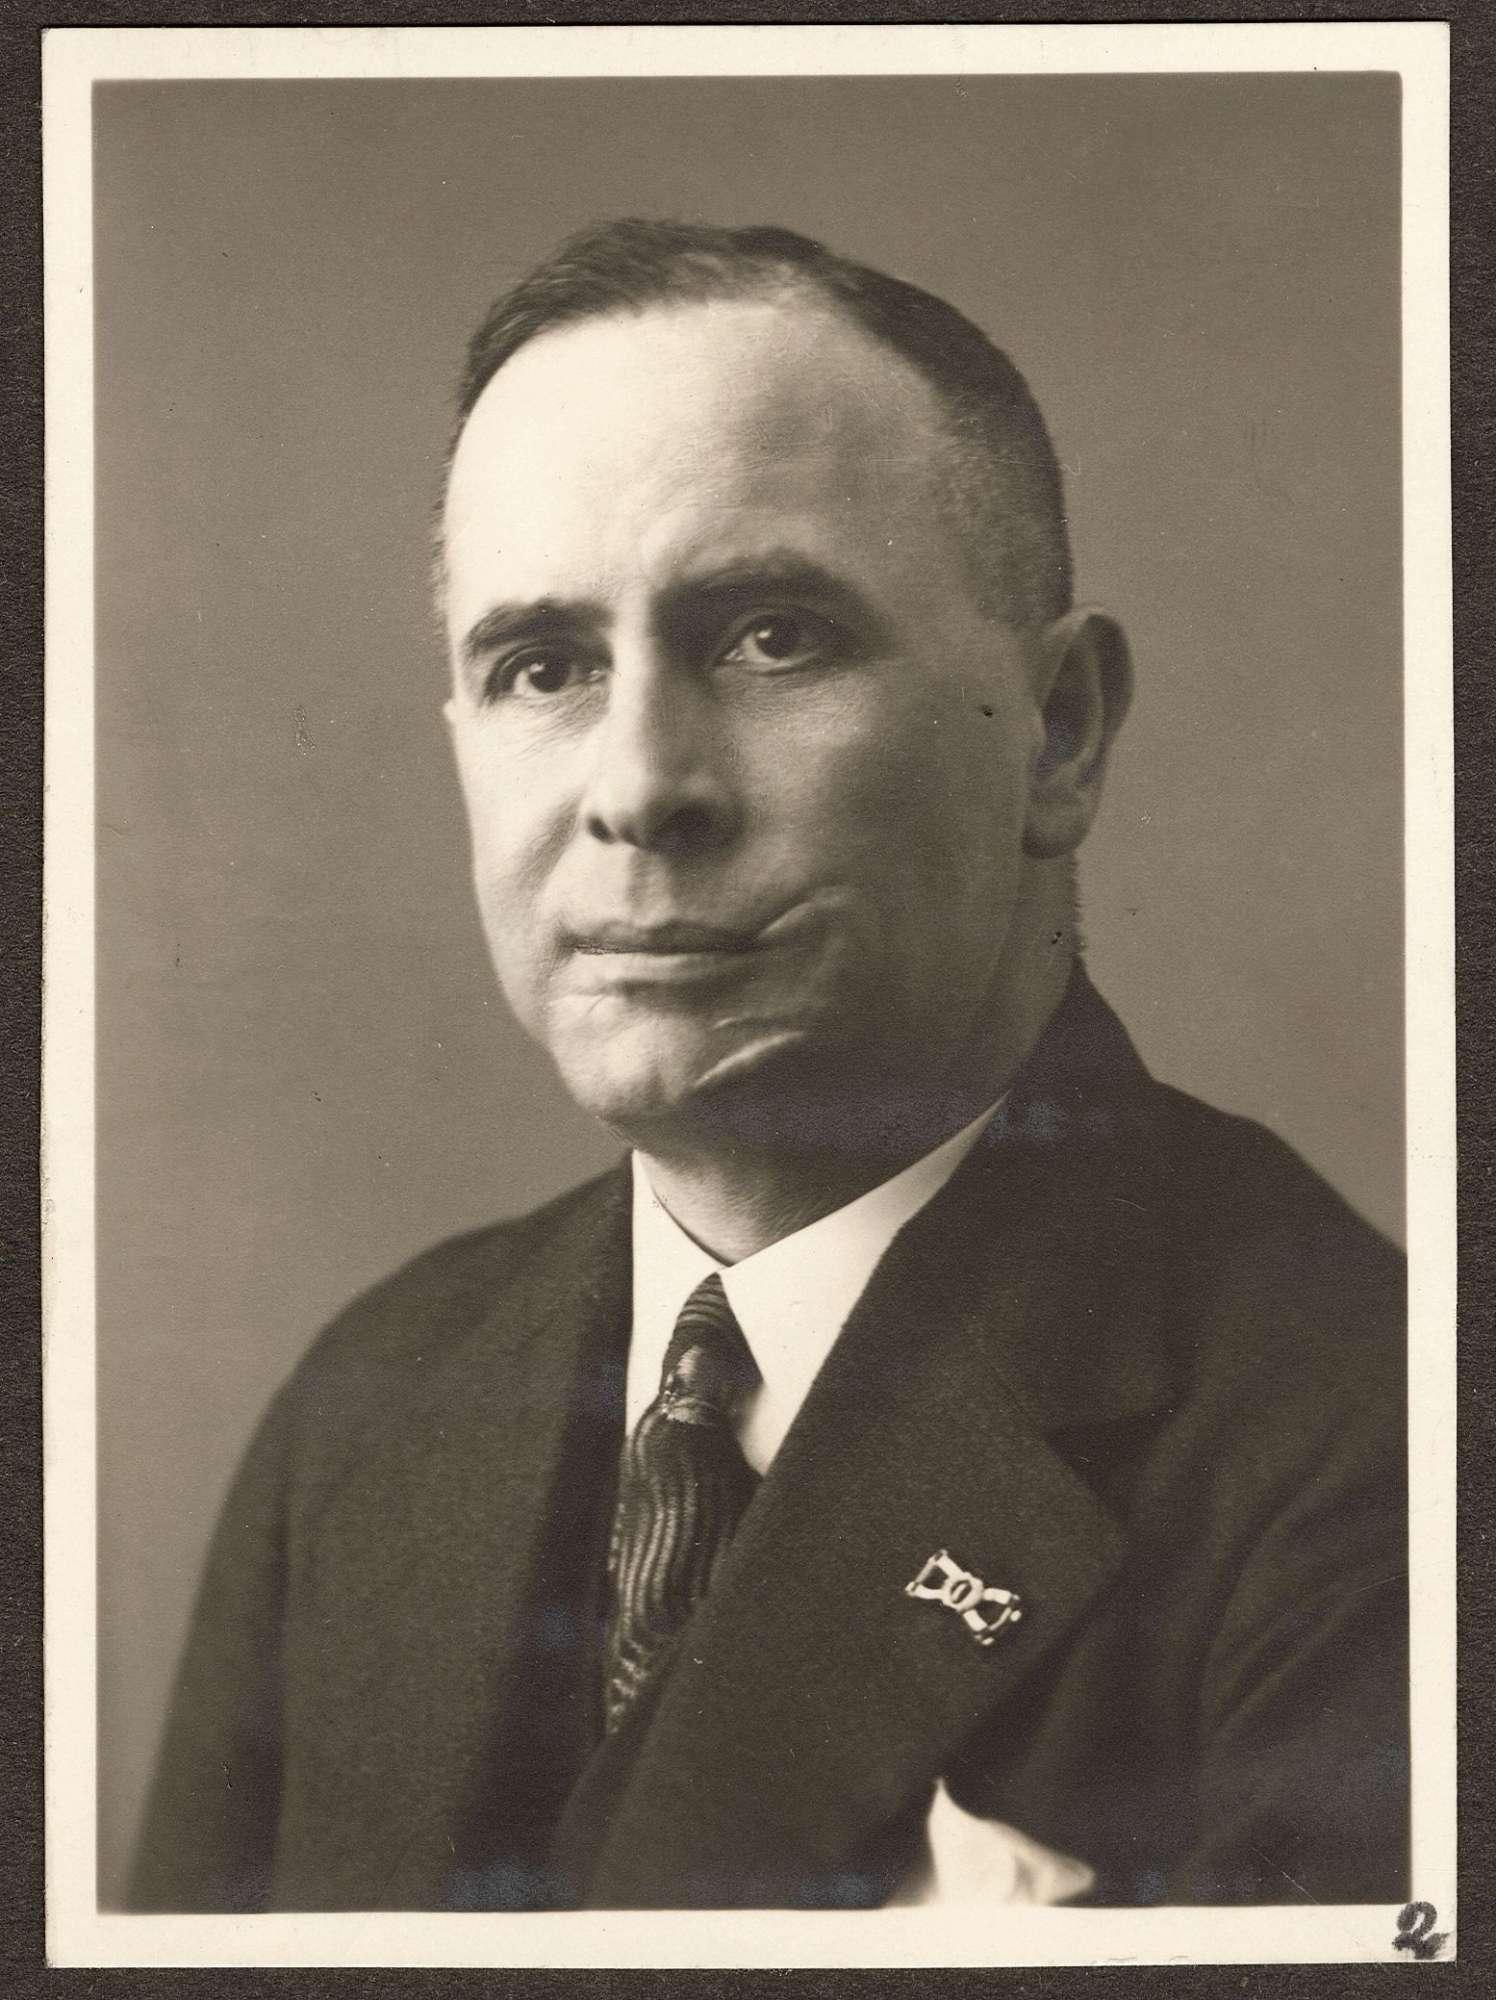 Dietz, Karl, Dr., Bild 1